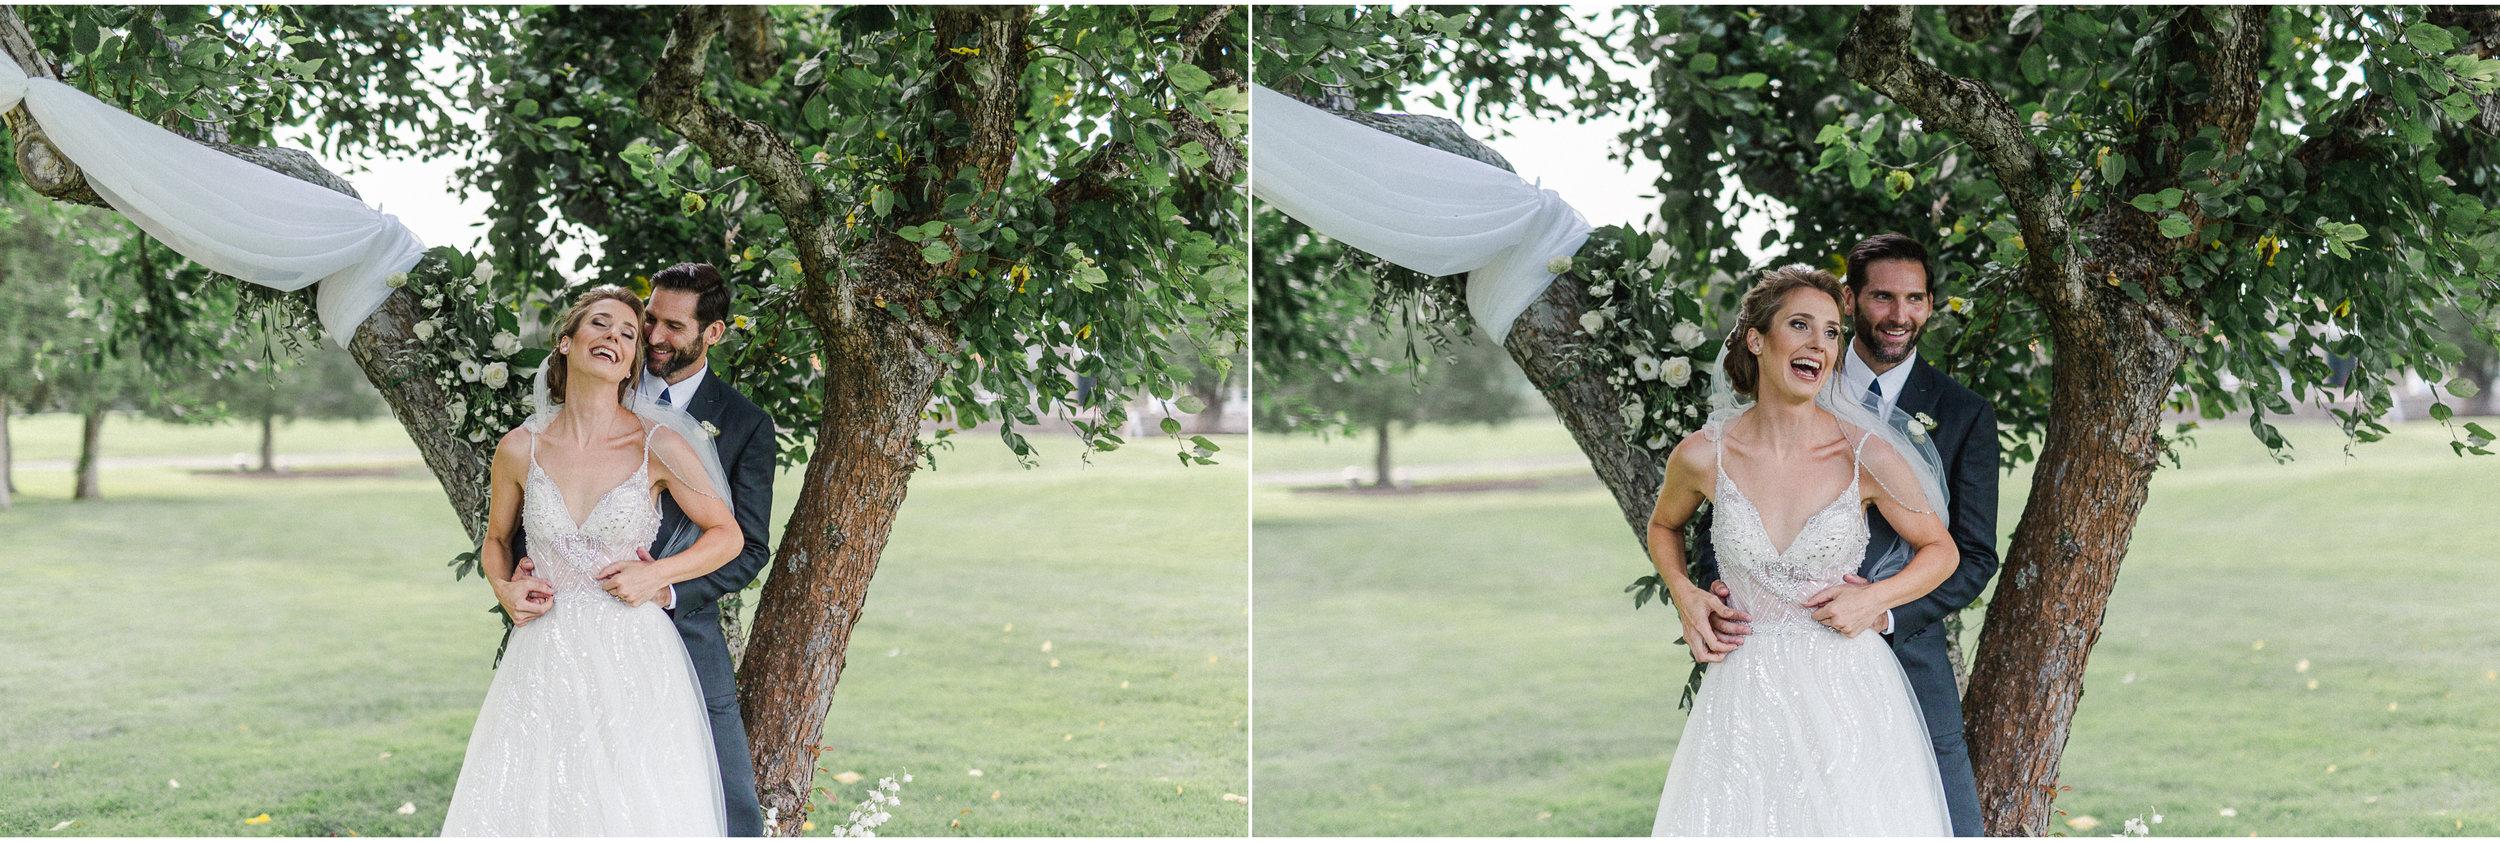 Elegant Wedding Shoot in Sharon, Massachusetts 15.jpg